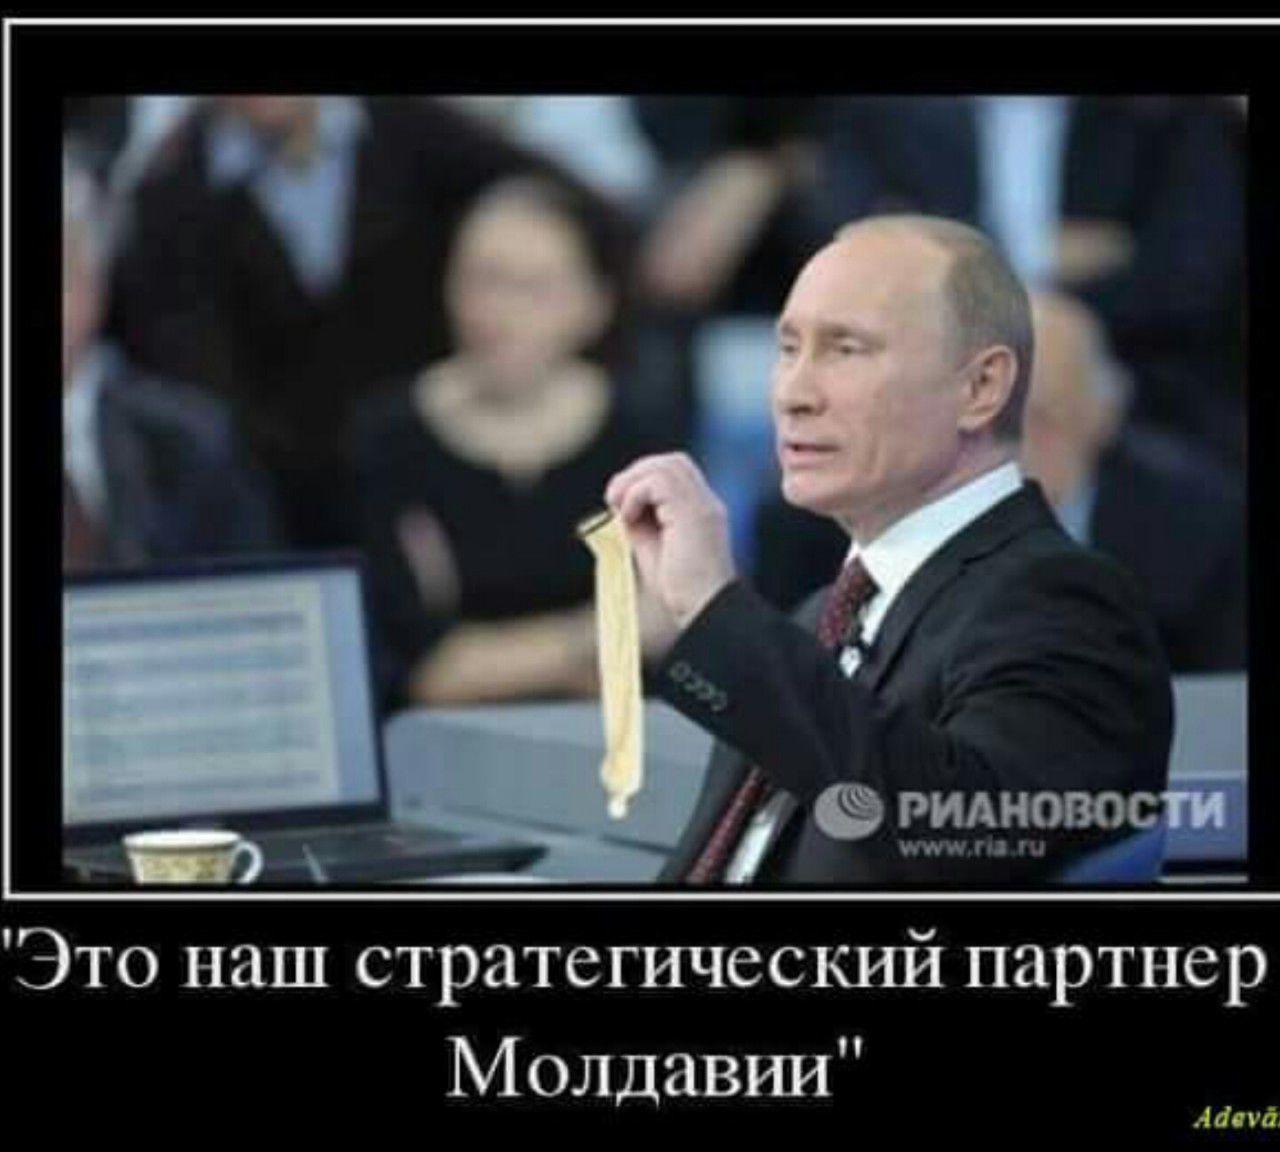 МИД Молдовы высылает дипломатов РФ на основе информации спецслужб, - премьер-министр Филип - Цензор.НЕТ 5115